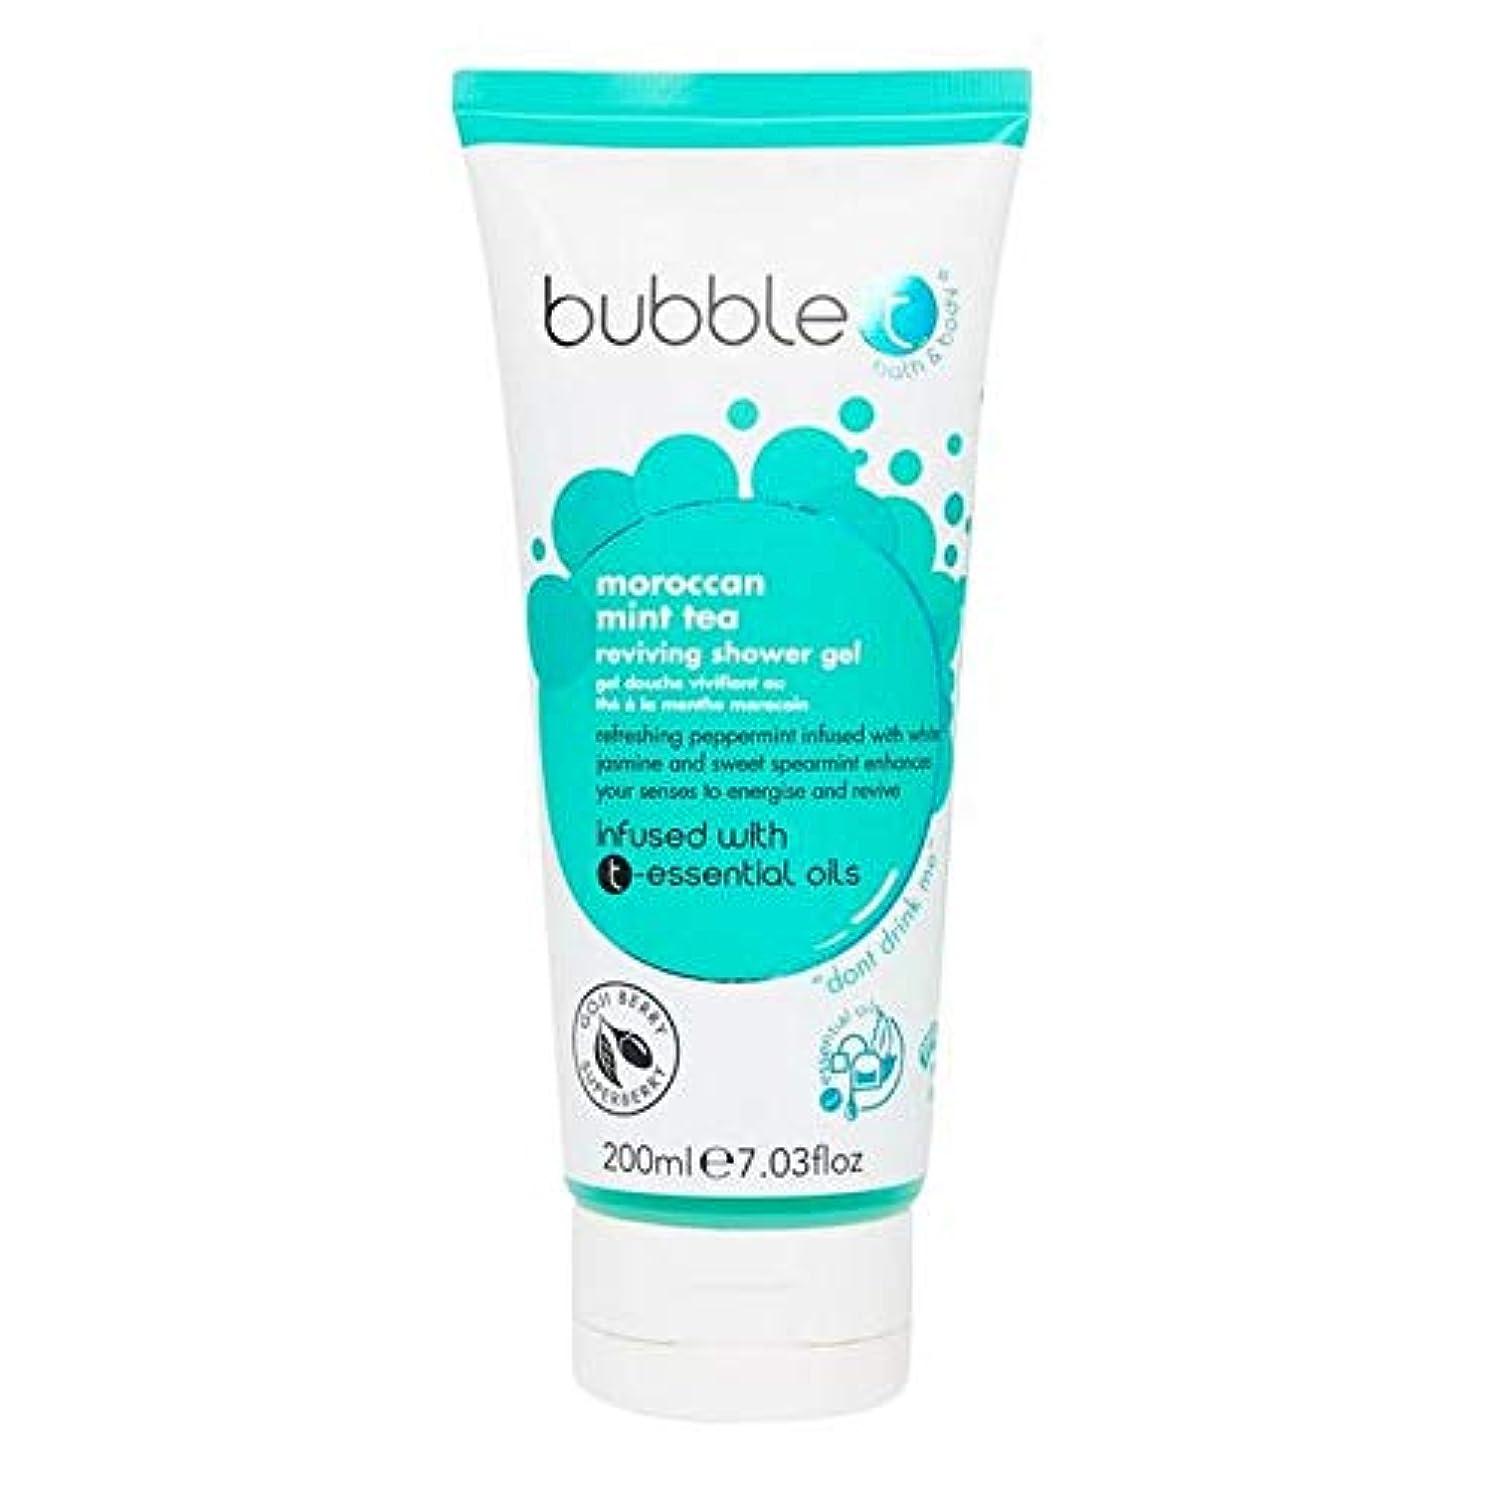 かかわらず雇用者南極[Bubble T ] バブルトン化粧品シャワージェル、モロッコのミントティーを200ミリリットル - Bubble T Cosmetics Shower Gel, Moroccan Mint Tea 200ml [並行輸入品]